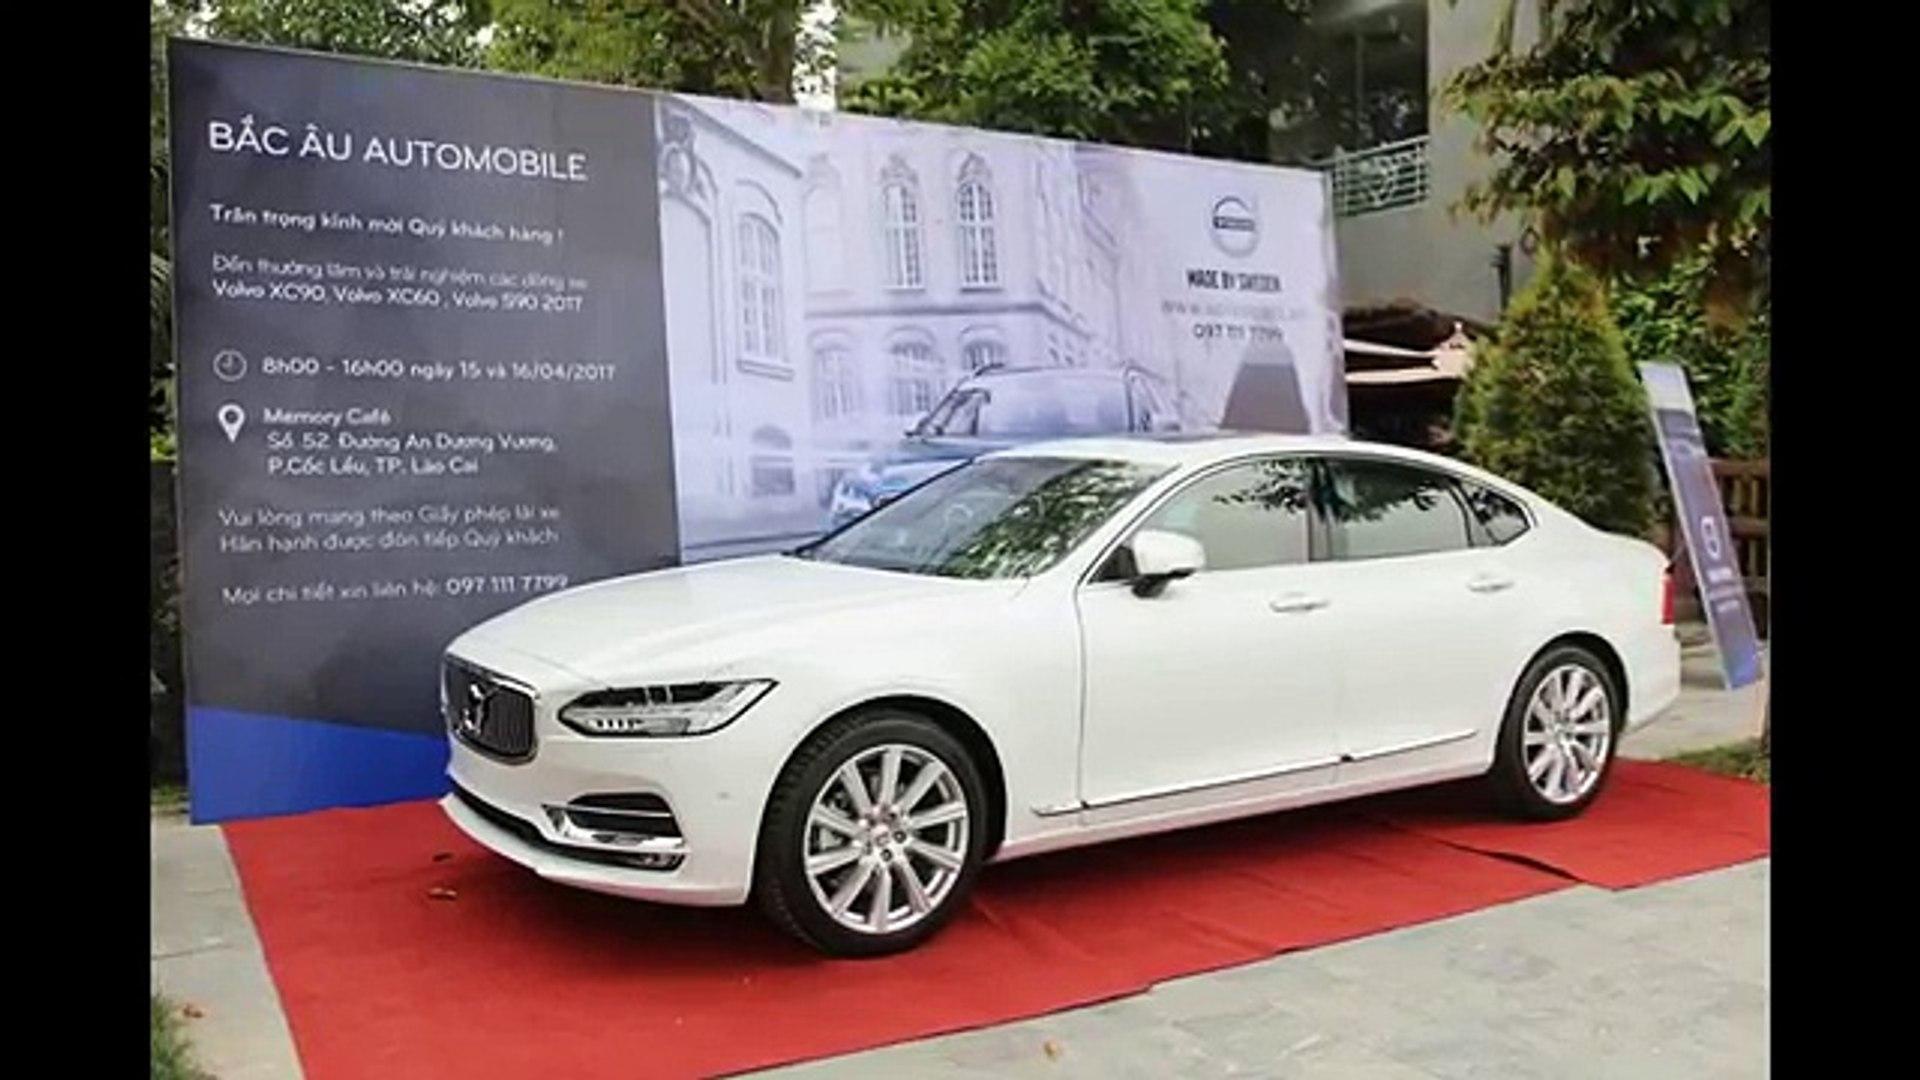 Cùng trải nghiệm các mẫu xe sang Volvo tại sự kiện Drive Me Lào Cai!